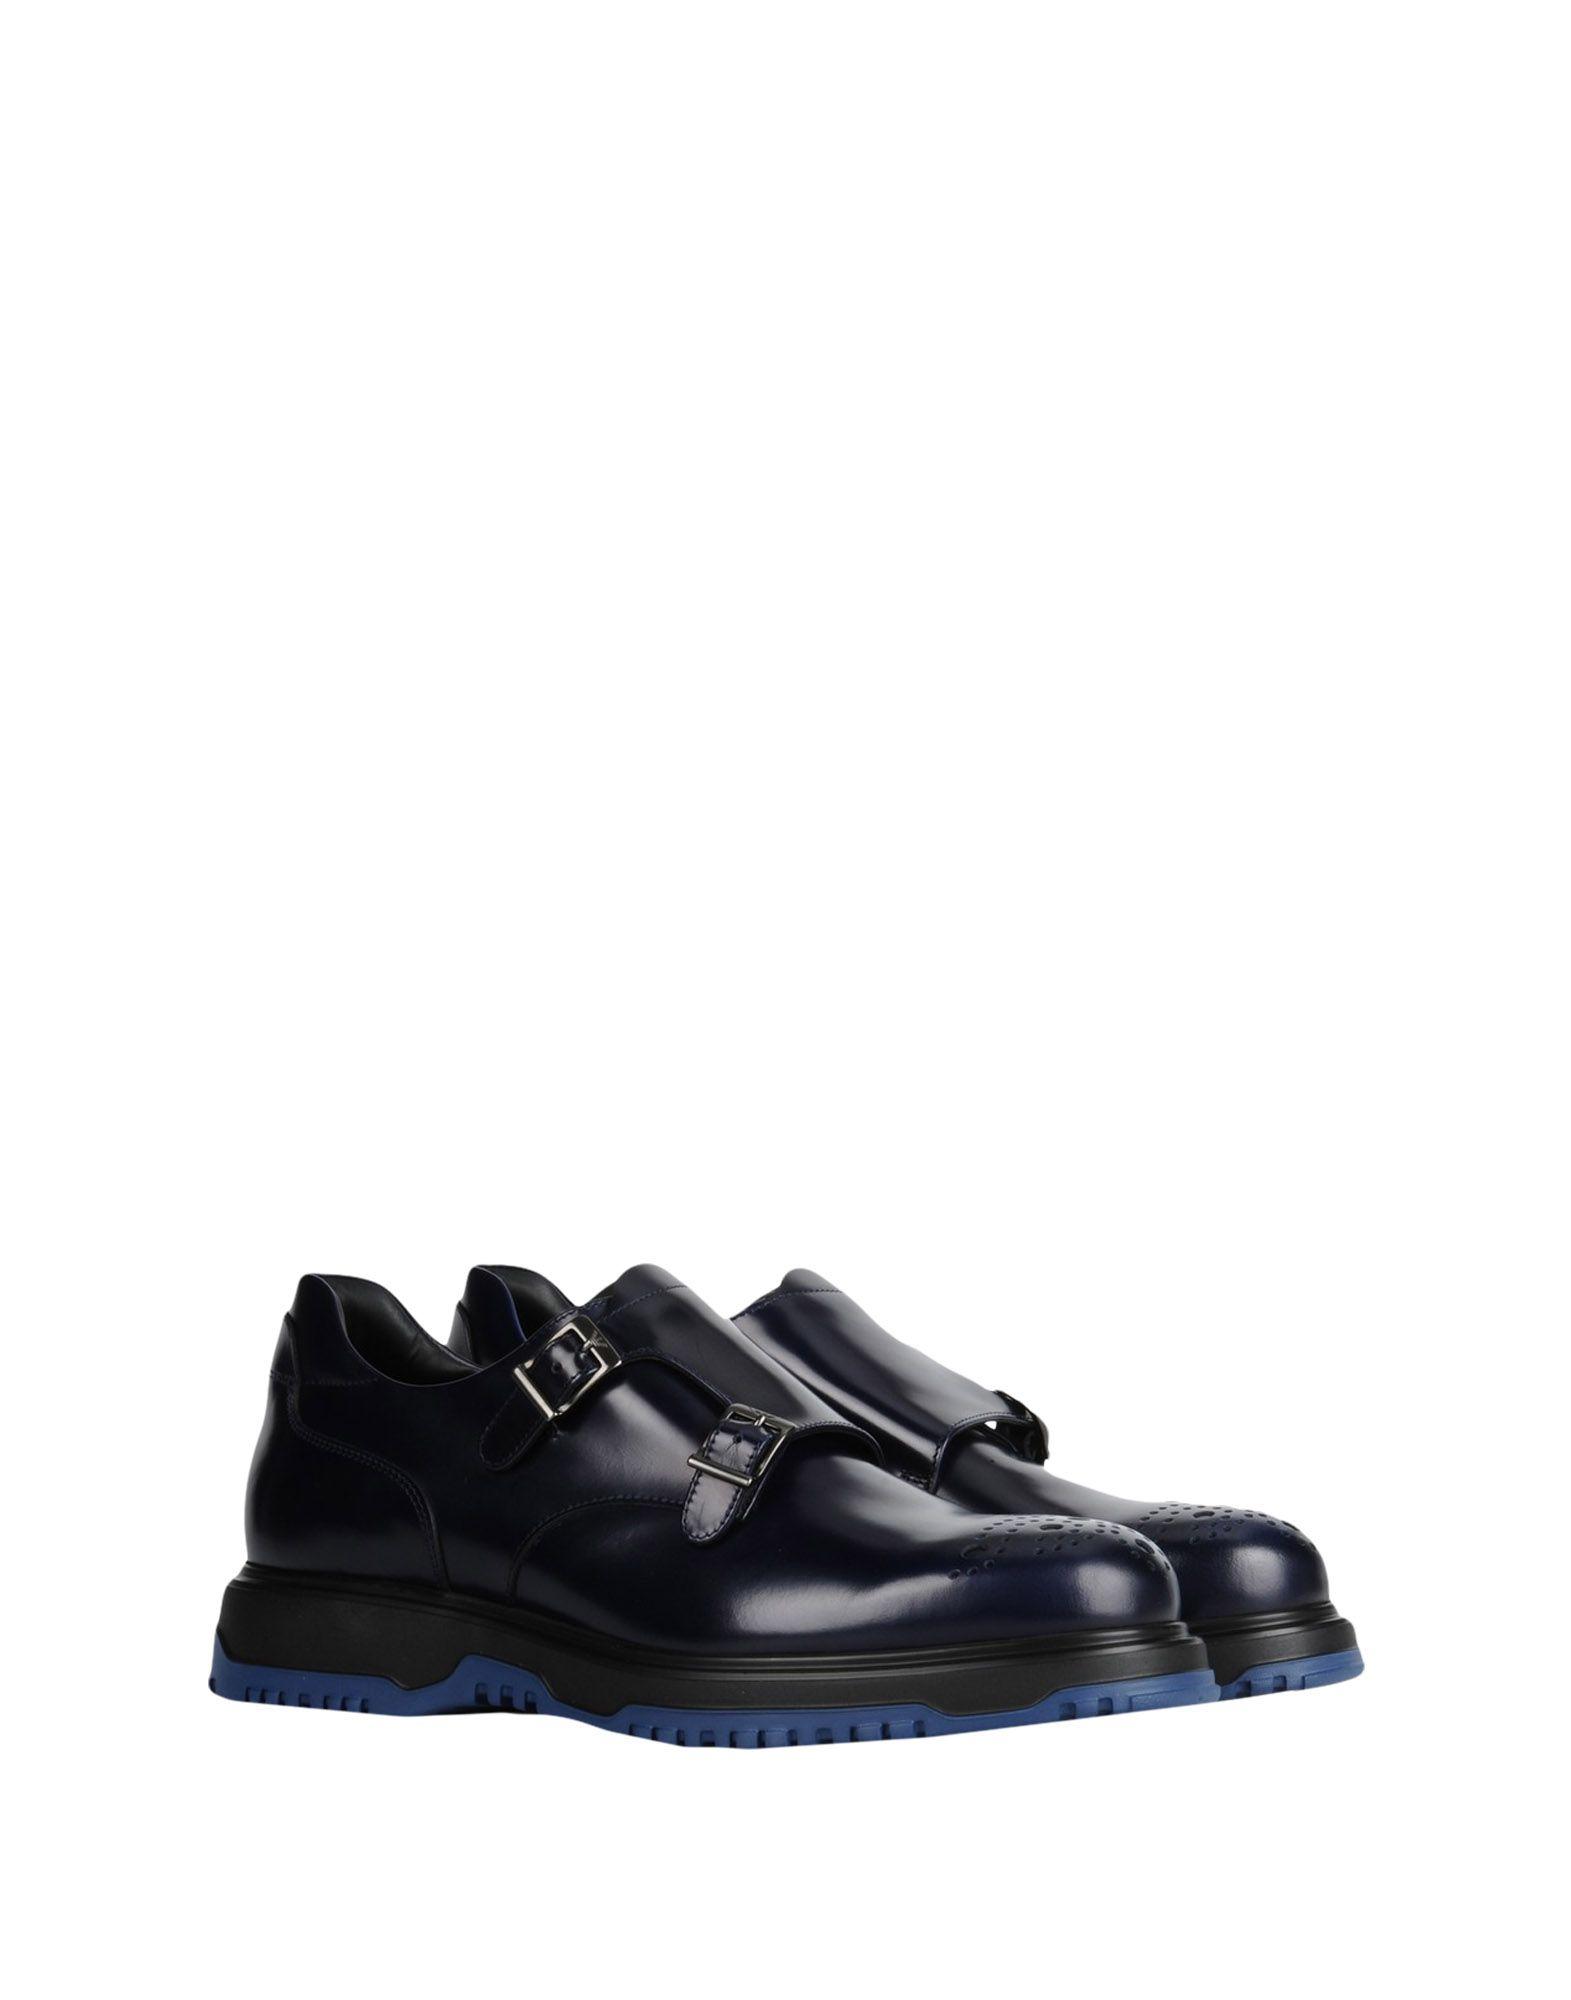 Emporio Armani Mokassins Herren  11379829AP Gute Qualität beliebte Schuhe